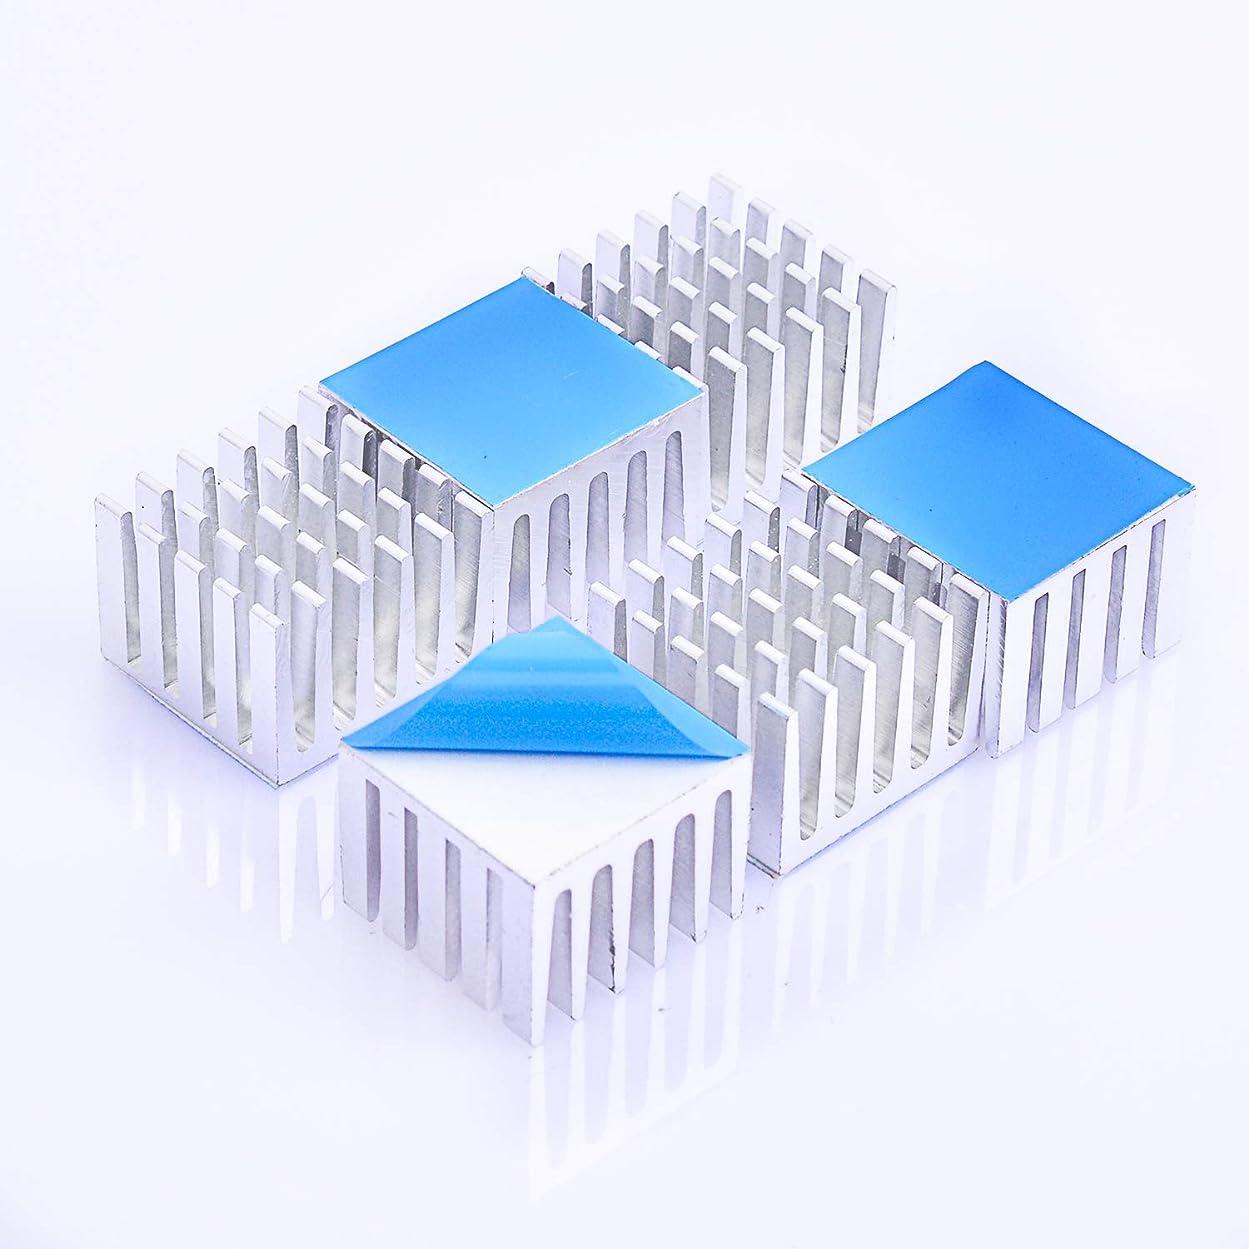 ラバ盟主些細ヒートシンク 熱伝導性両面テープ付き 熱暴走対策 20mm X 21mm X 15mm 6個入り 冷却フィン アルミニウム製 放熱板 M2.SSD ファイア テレビ DIYキット ICチップ MOSFET 回路基板 ハイパワーLEDアンプに適用